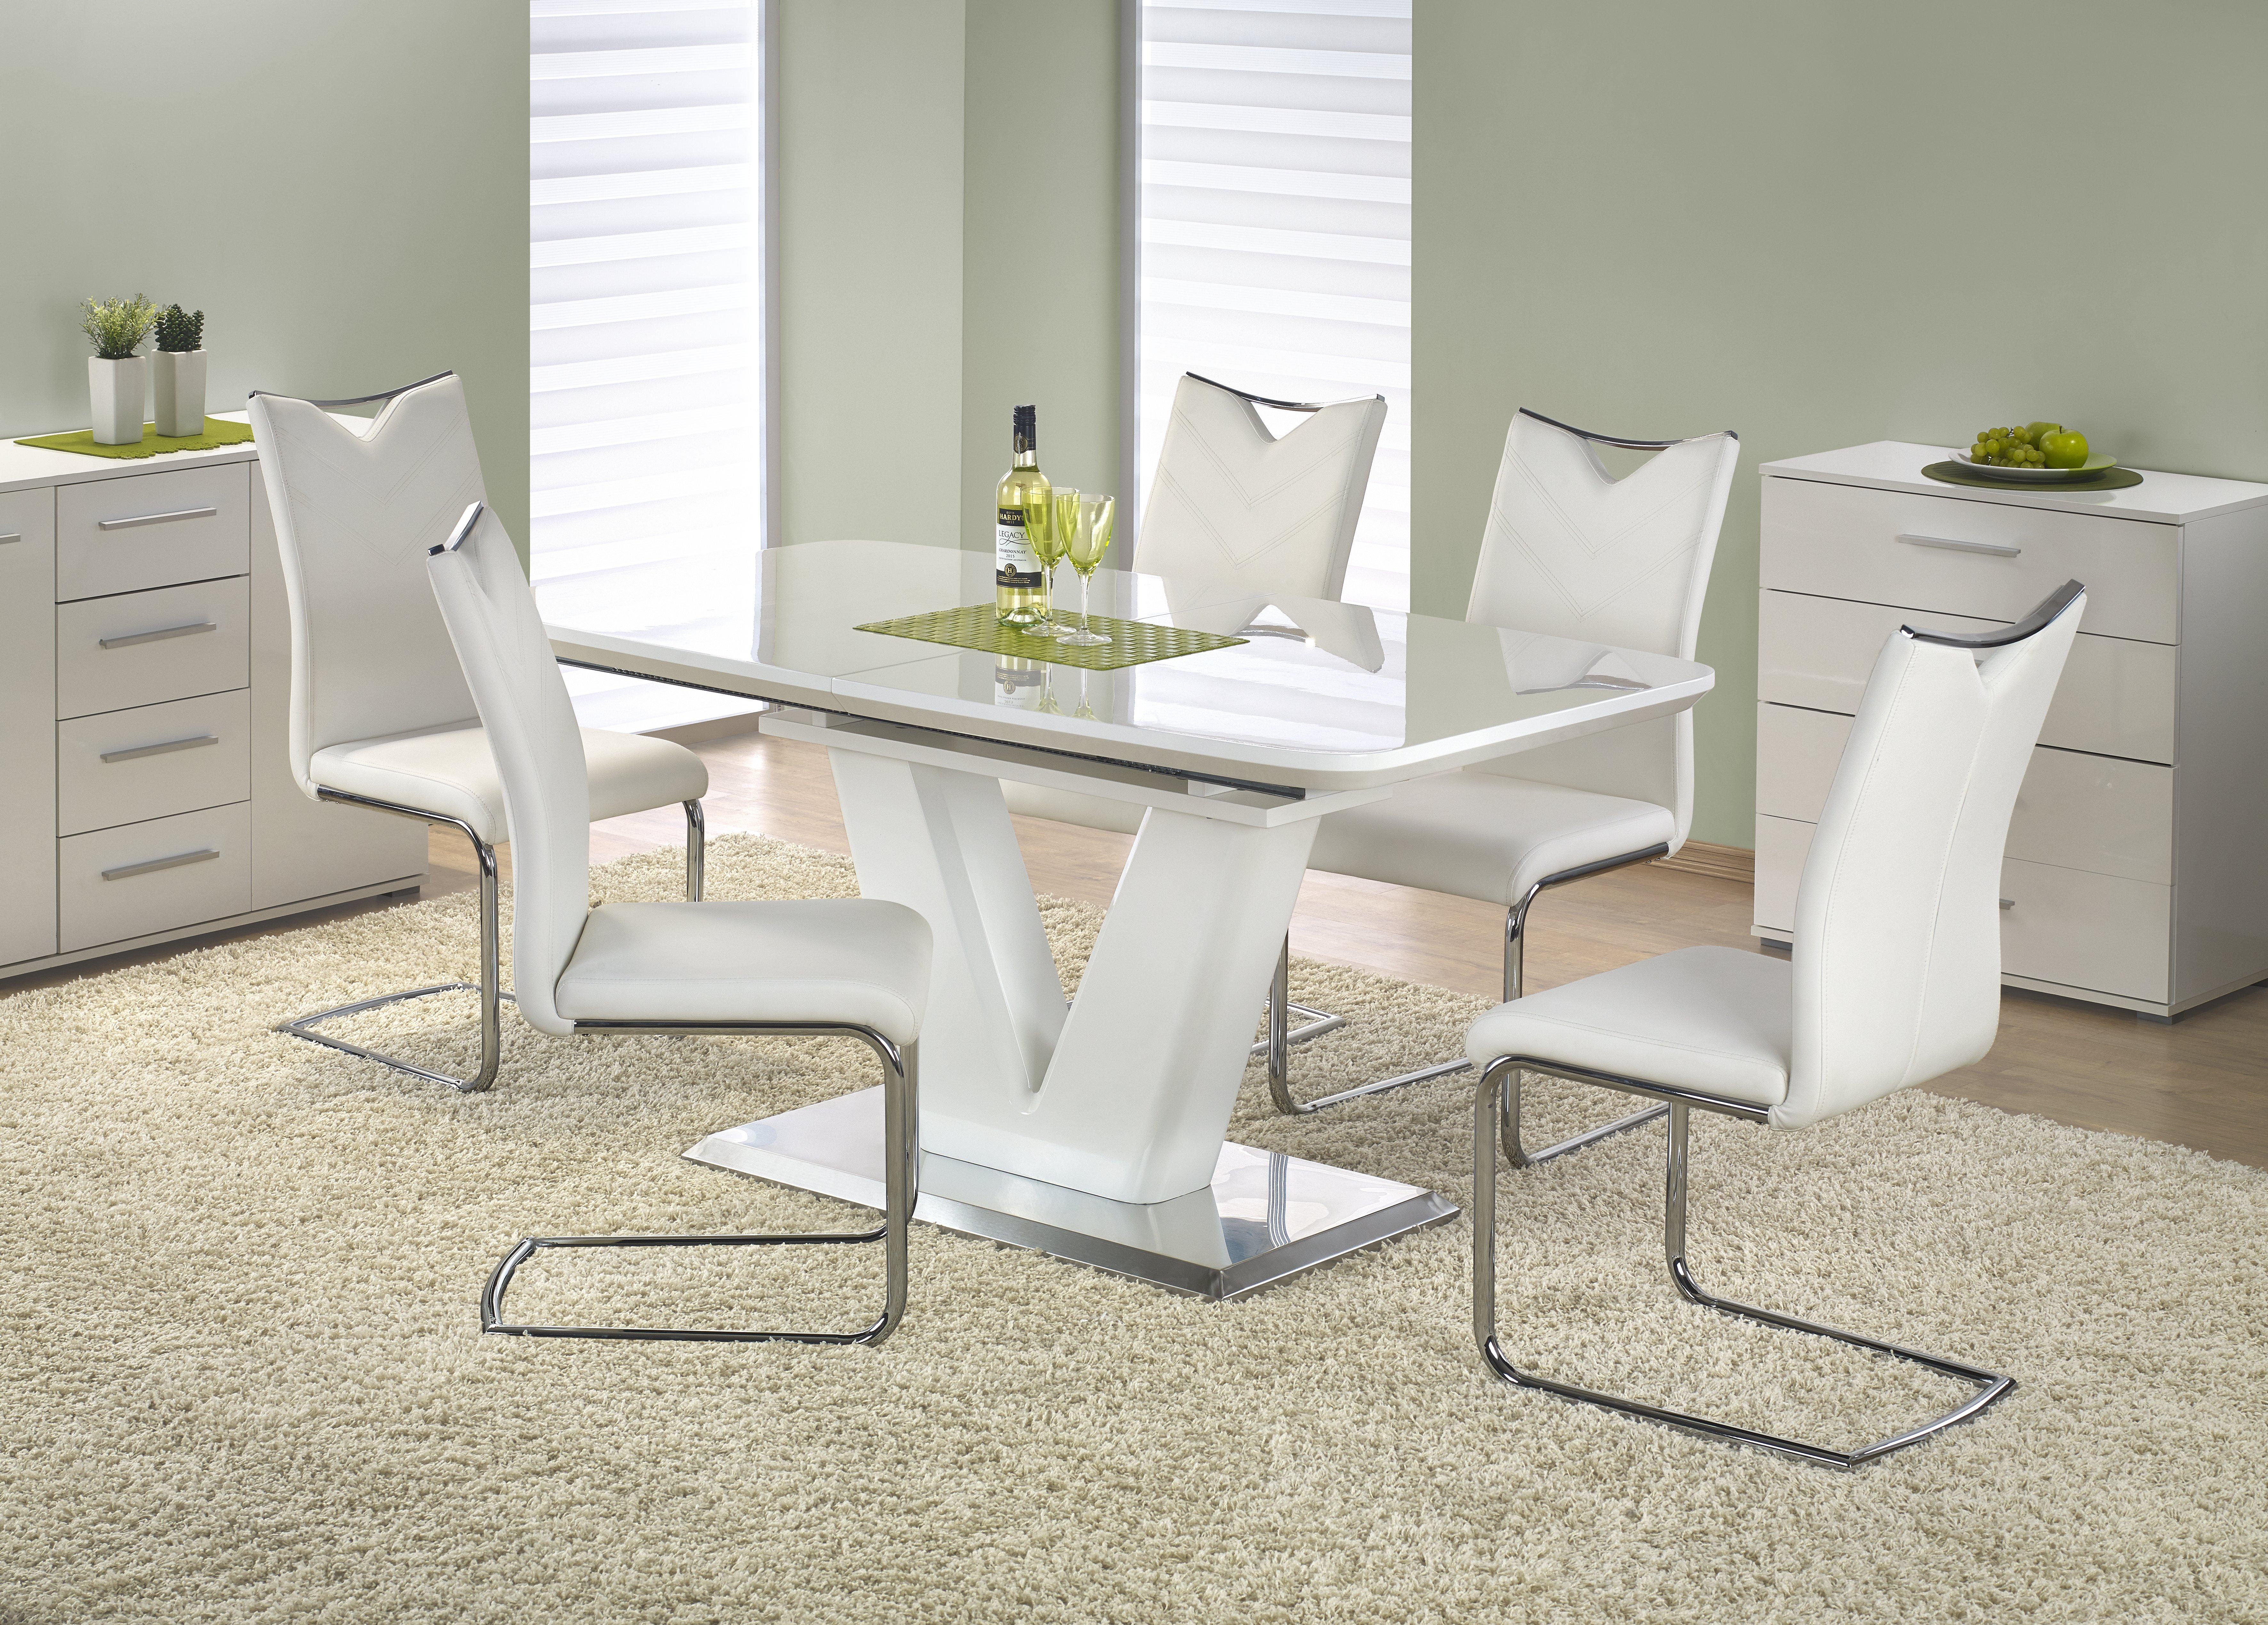 Jídelní stůl - Halmar - Mistral (pro 6 až 8 osob)